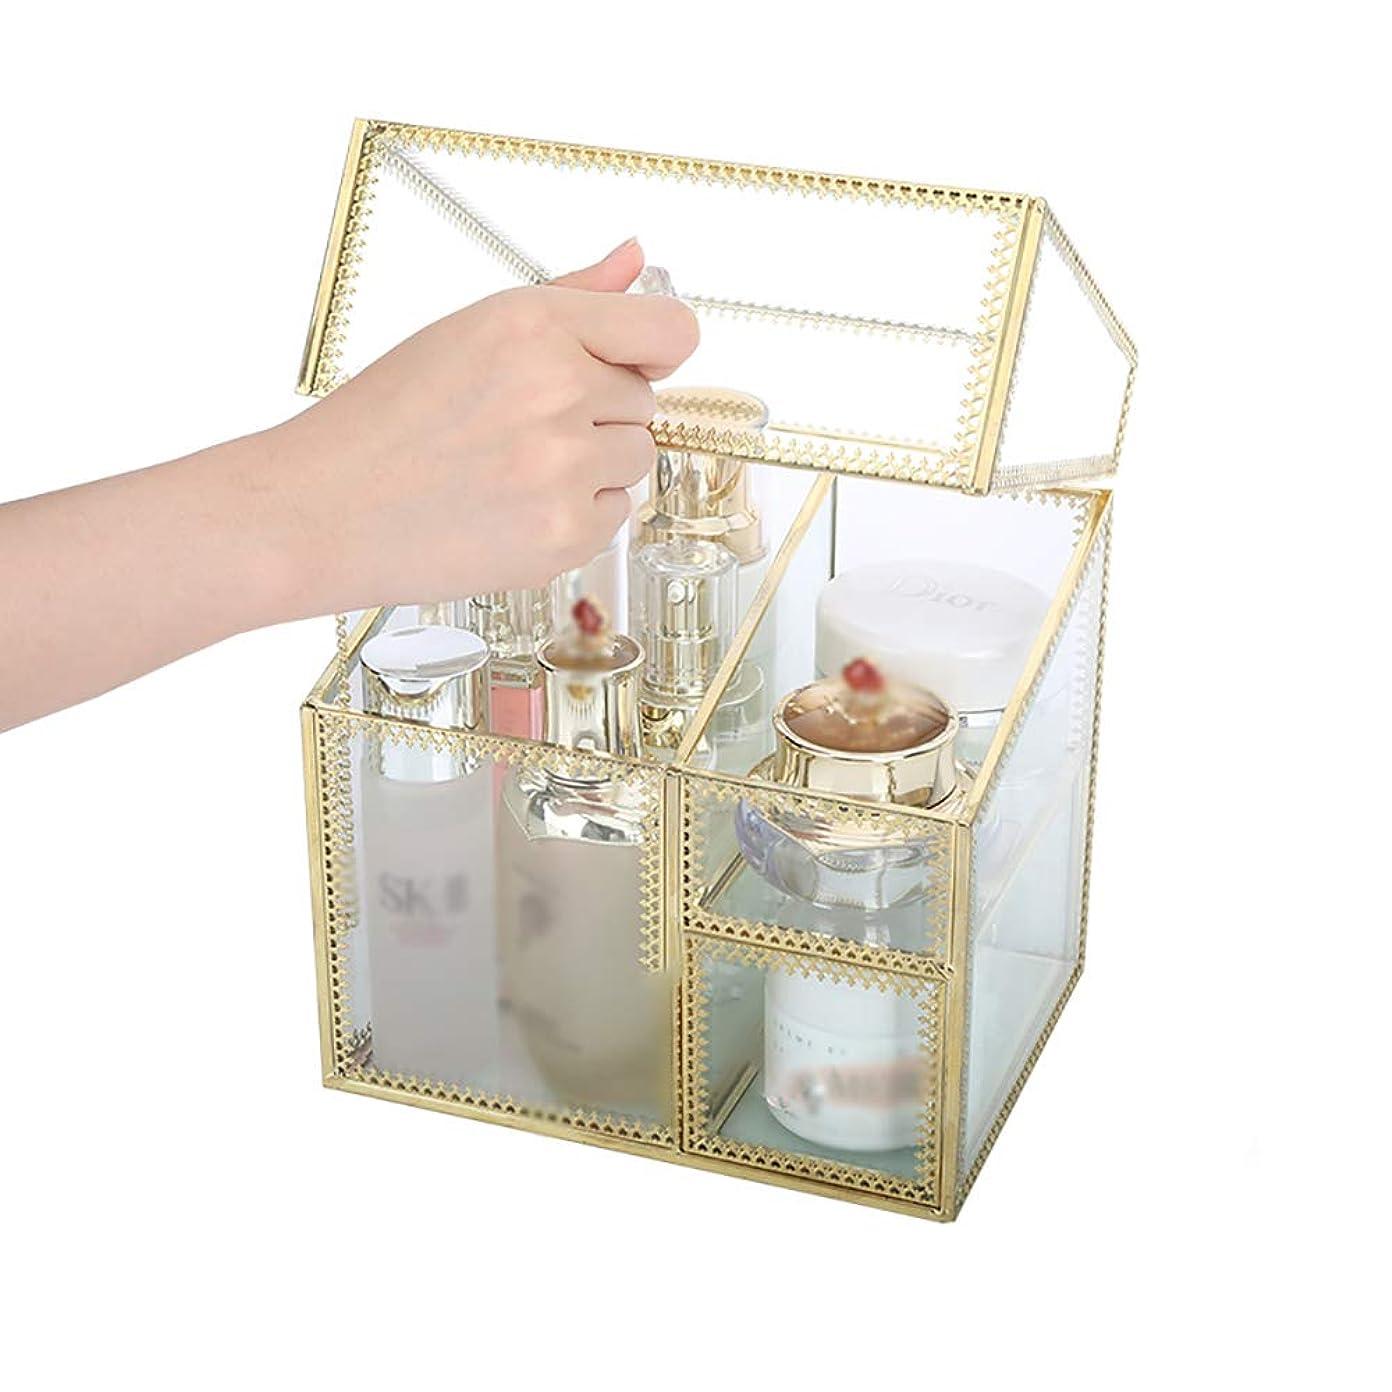 インレイ記述するガラスガラス 化粧品収納ボックス 職人技 防塵 フリップカバー スキンケア デスクトップ 仕上げボックス 非アクリル ジュエリースタンド 小型ワンピース防塵収納